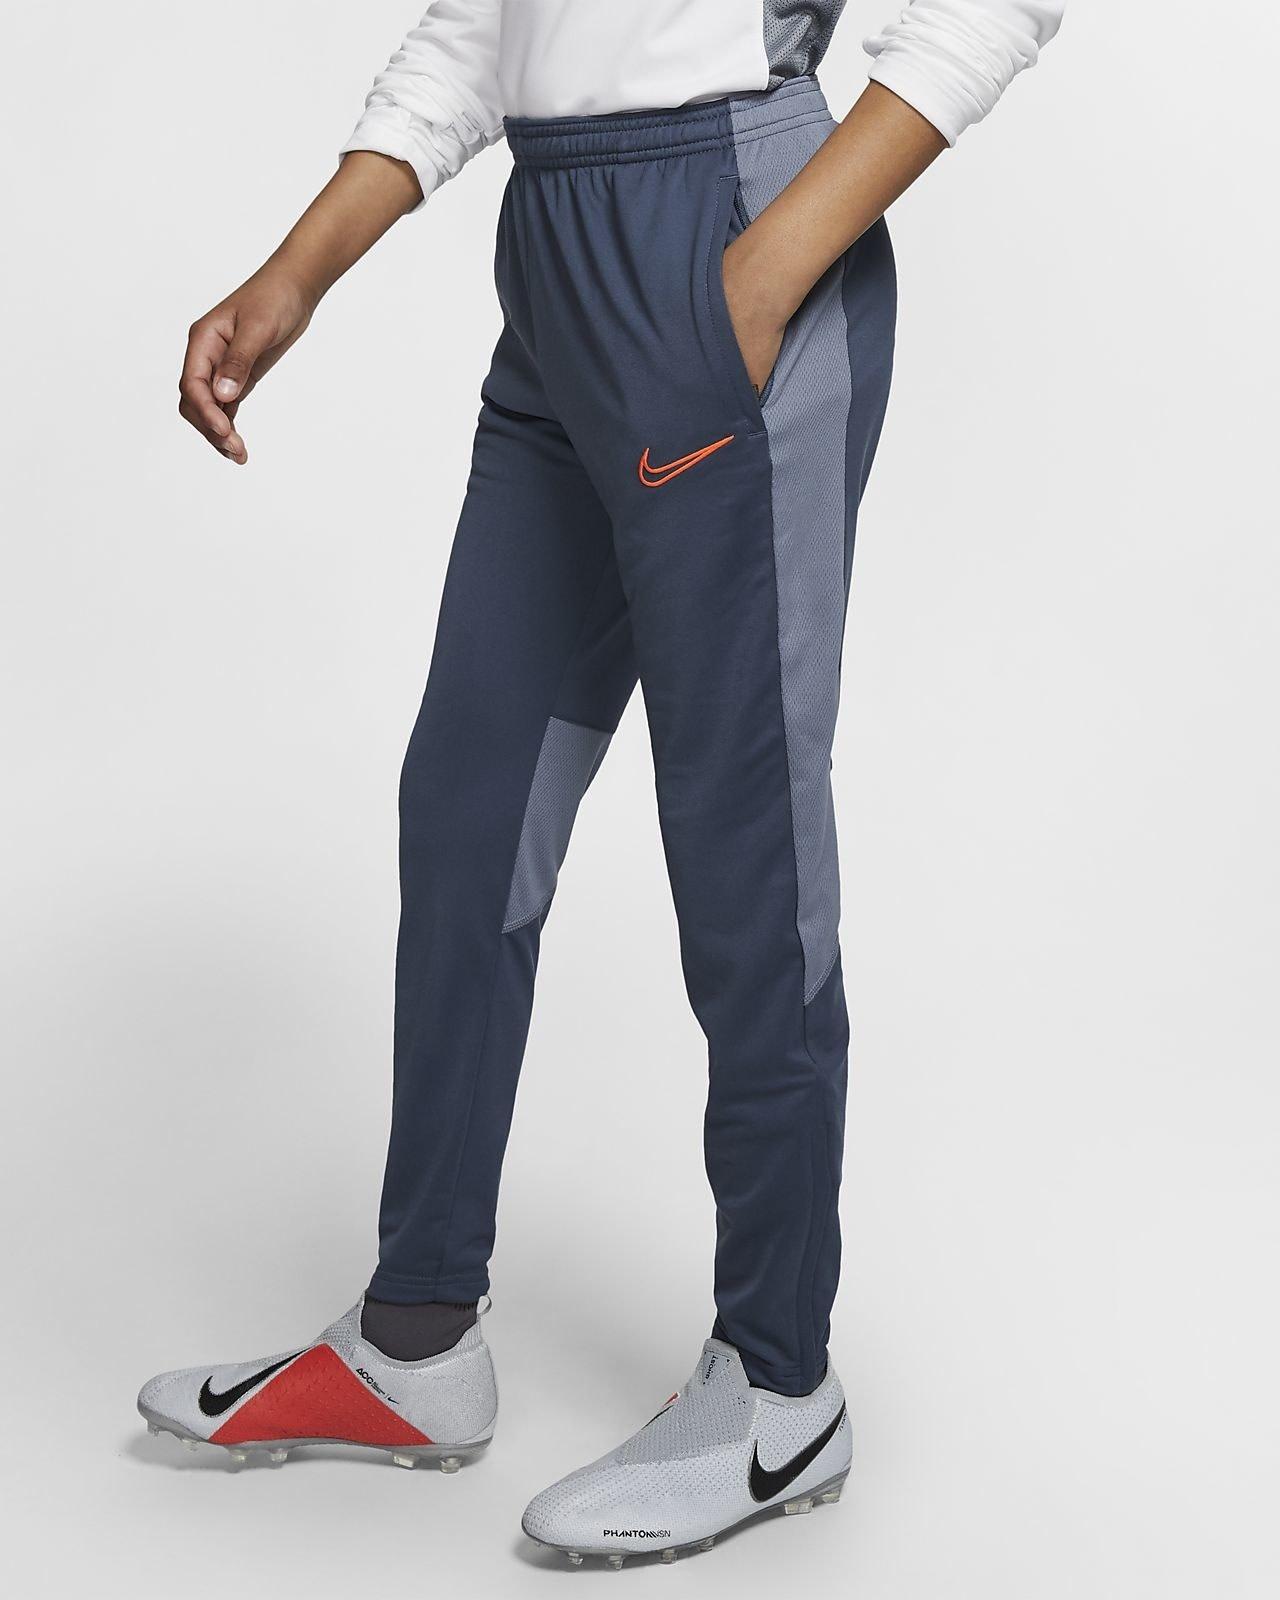 Nike NIKE JR Training Pant